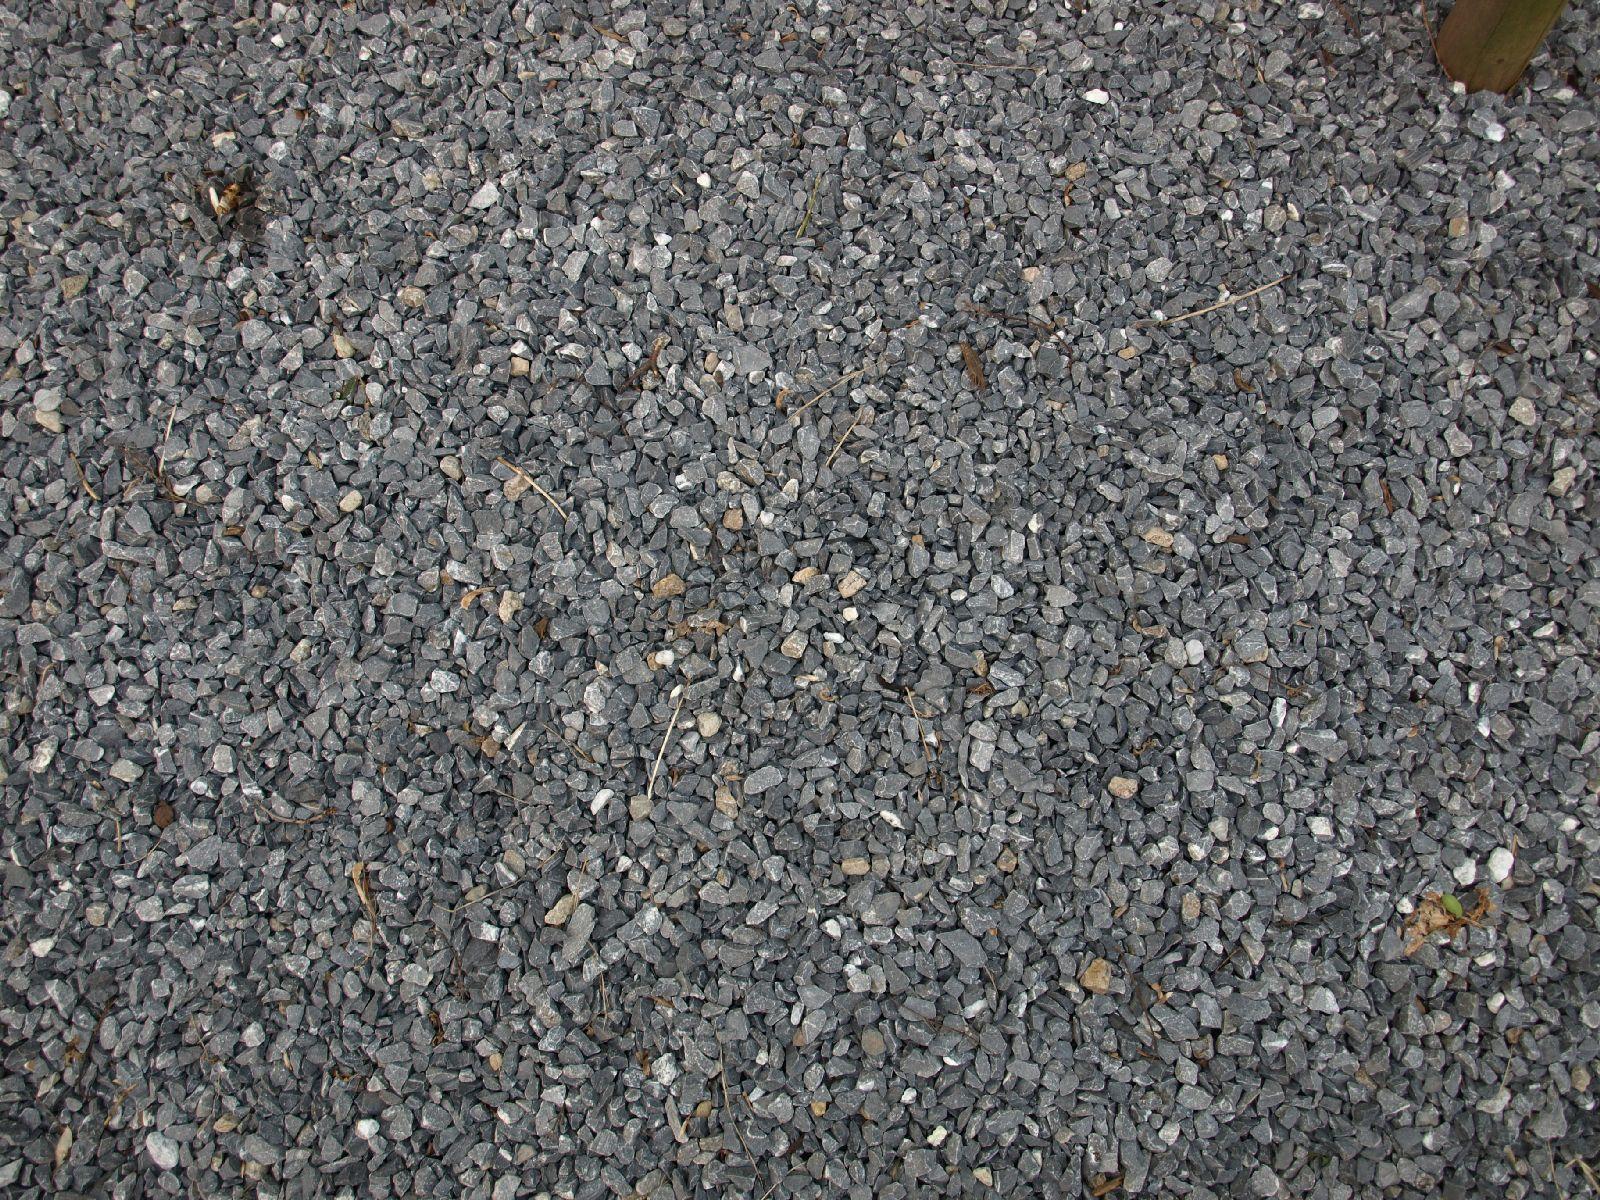 Ground-Urban_Texture_A_P2140766